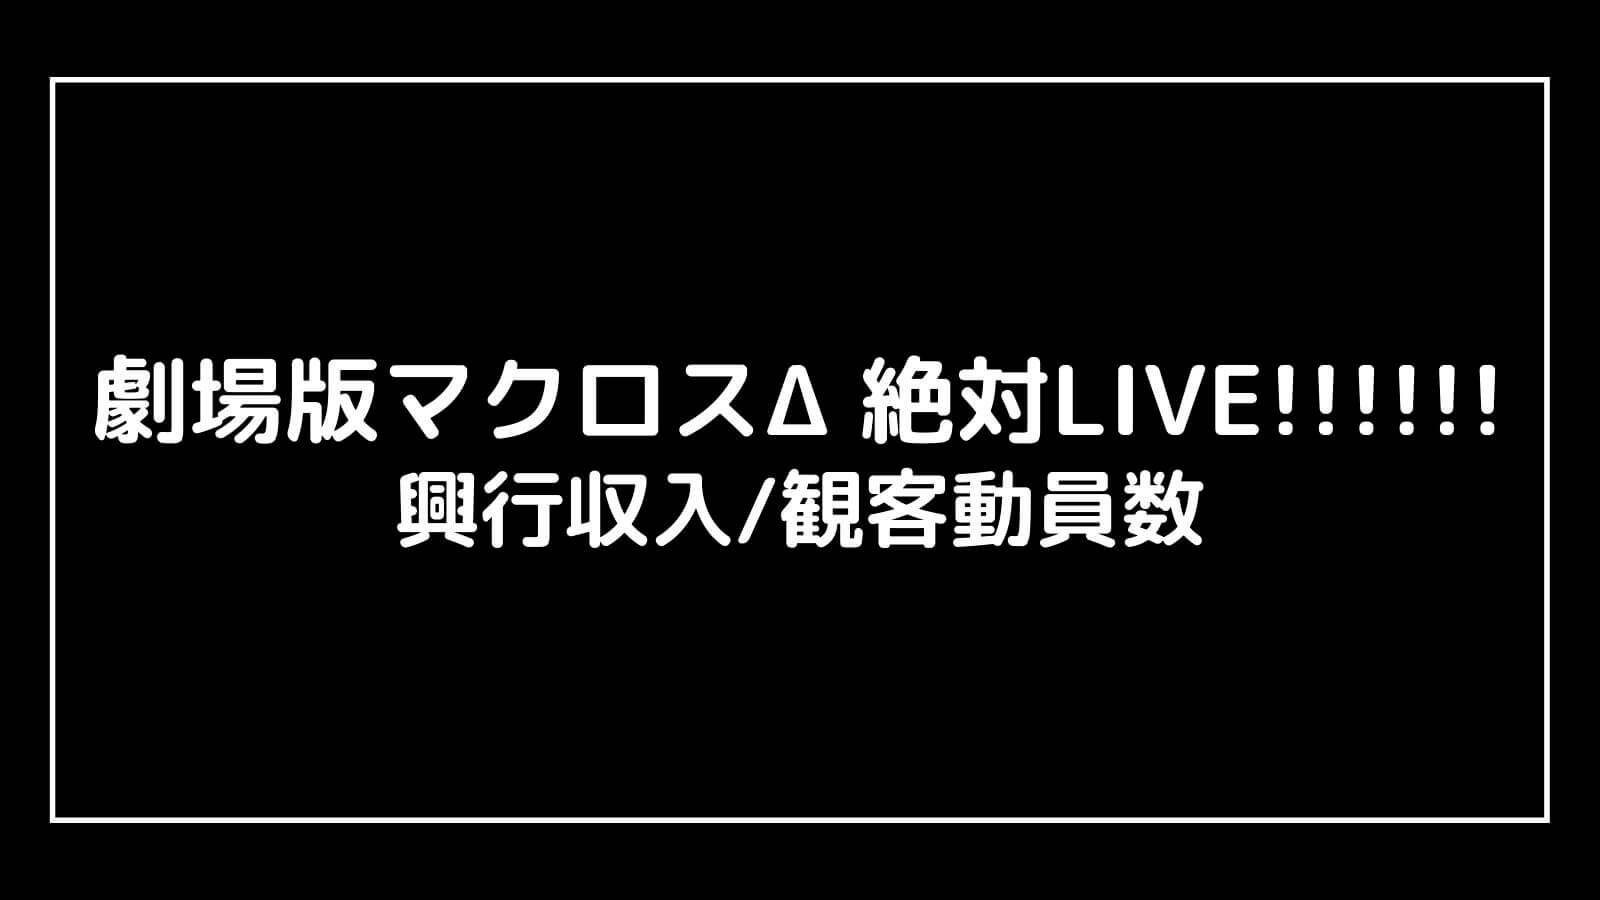 映画『マクロスΔ 絶対LIVE!!!!!!』興行収入推移と最終興収を元映画館社員が予想